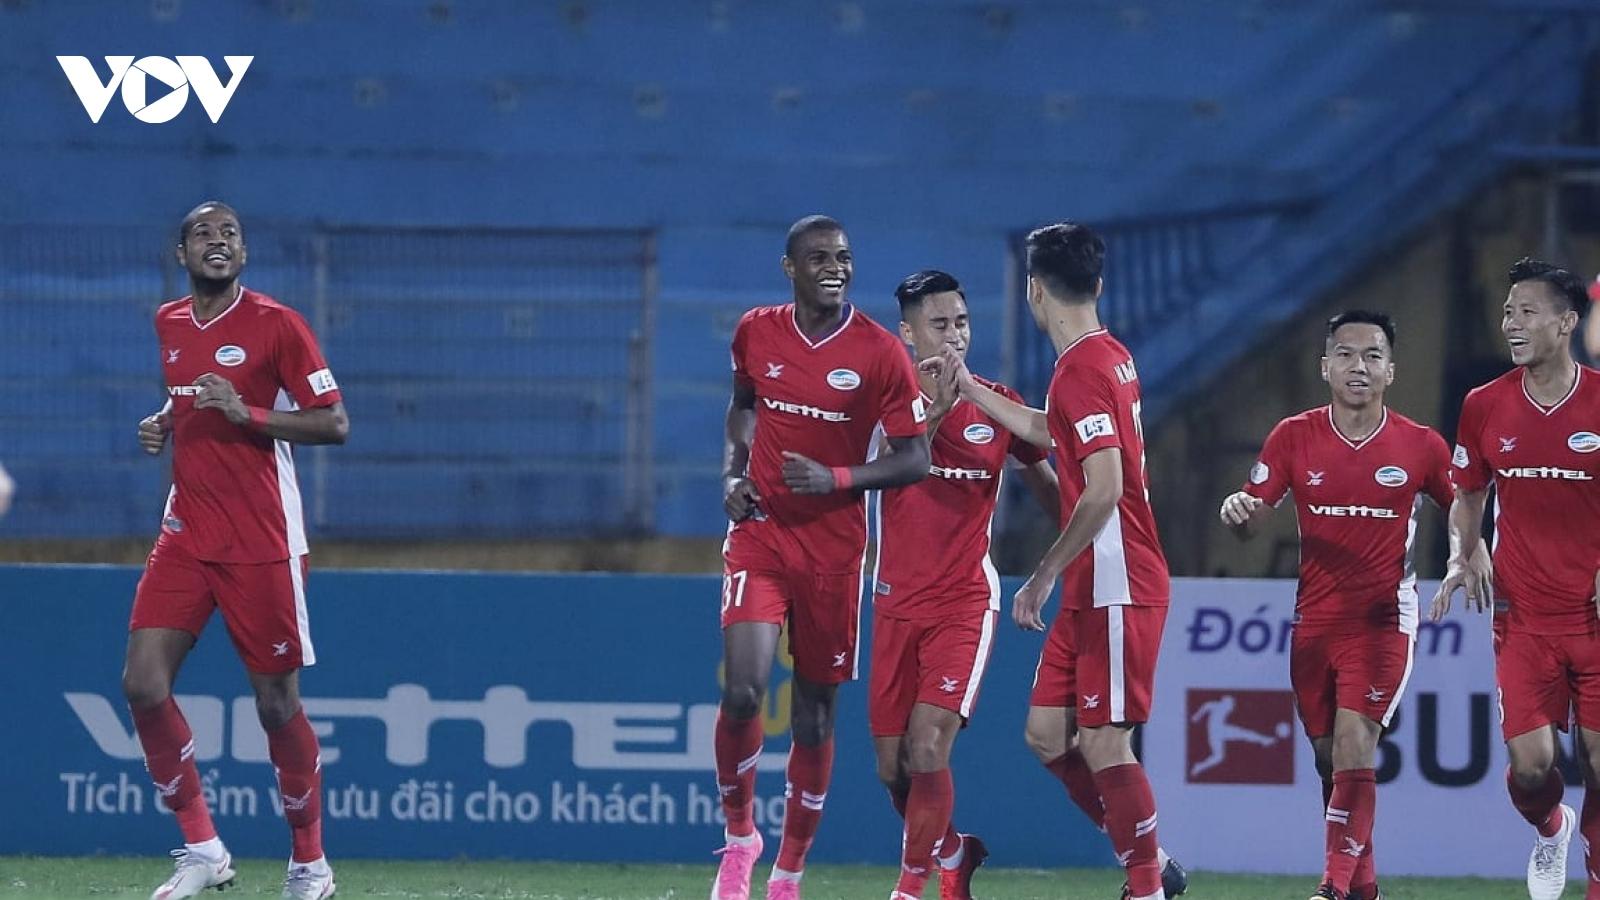 Thắng nhẹ Bình Dương, Viettel vững vàng trên đỉnh V-League 2020